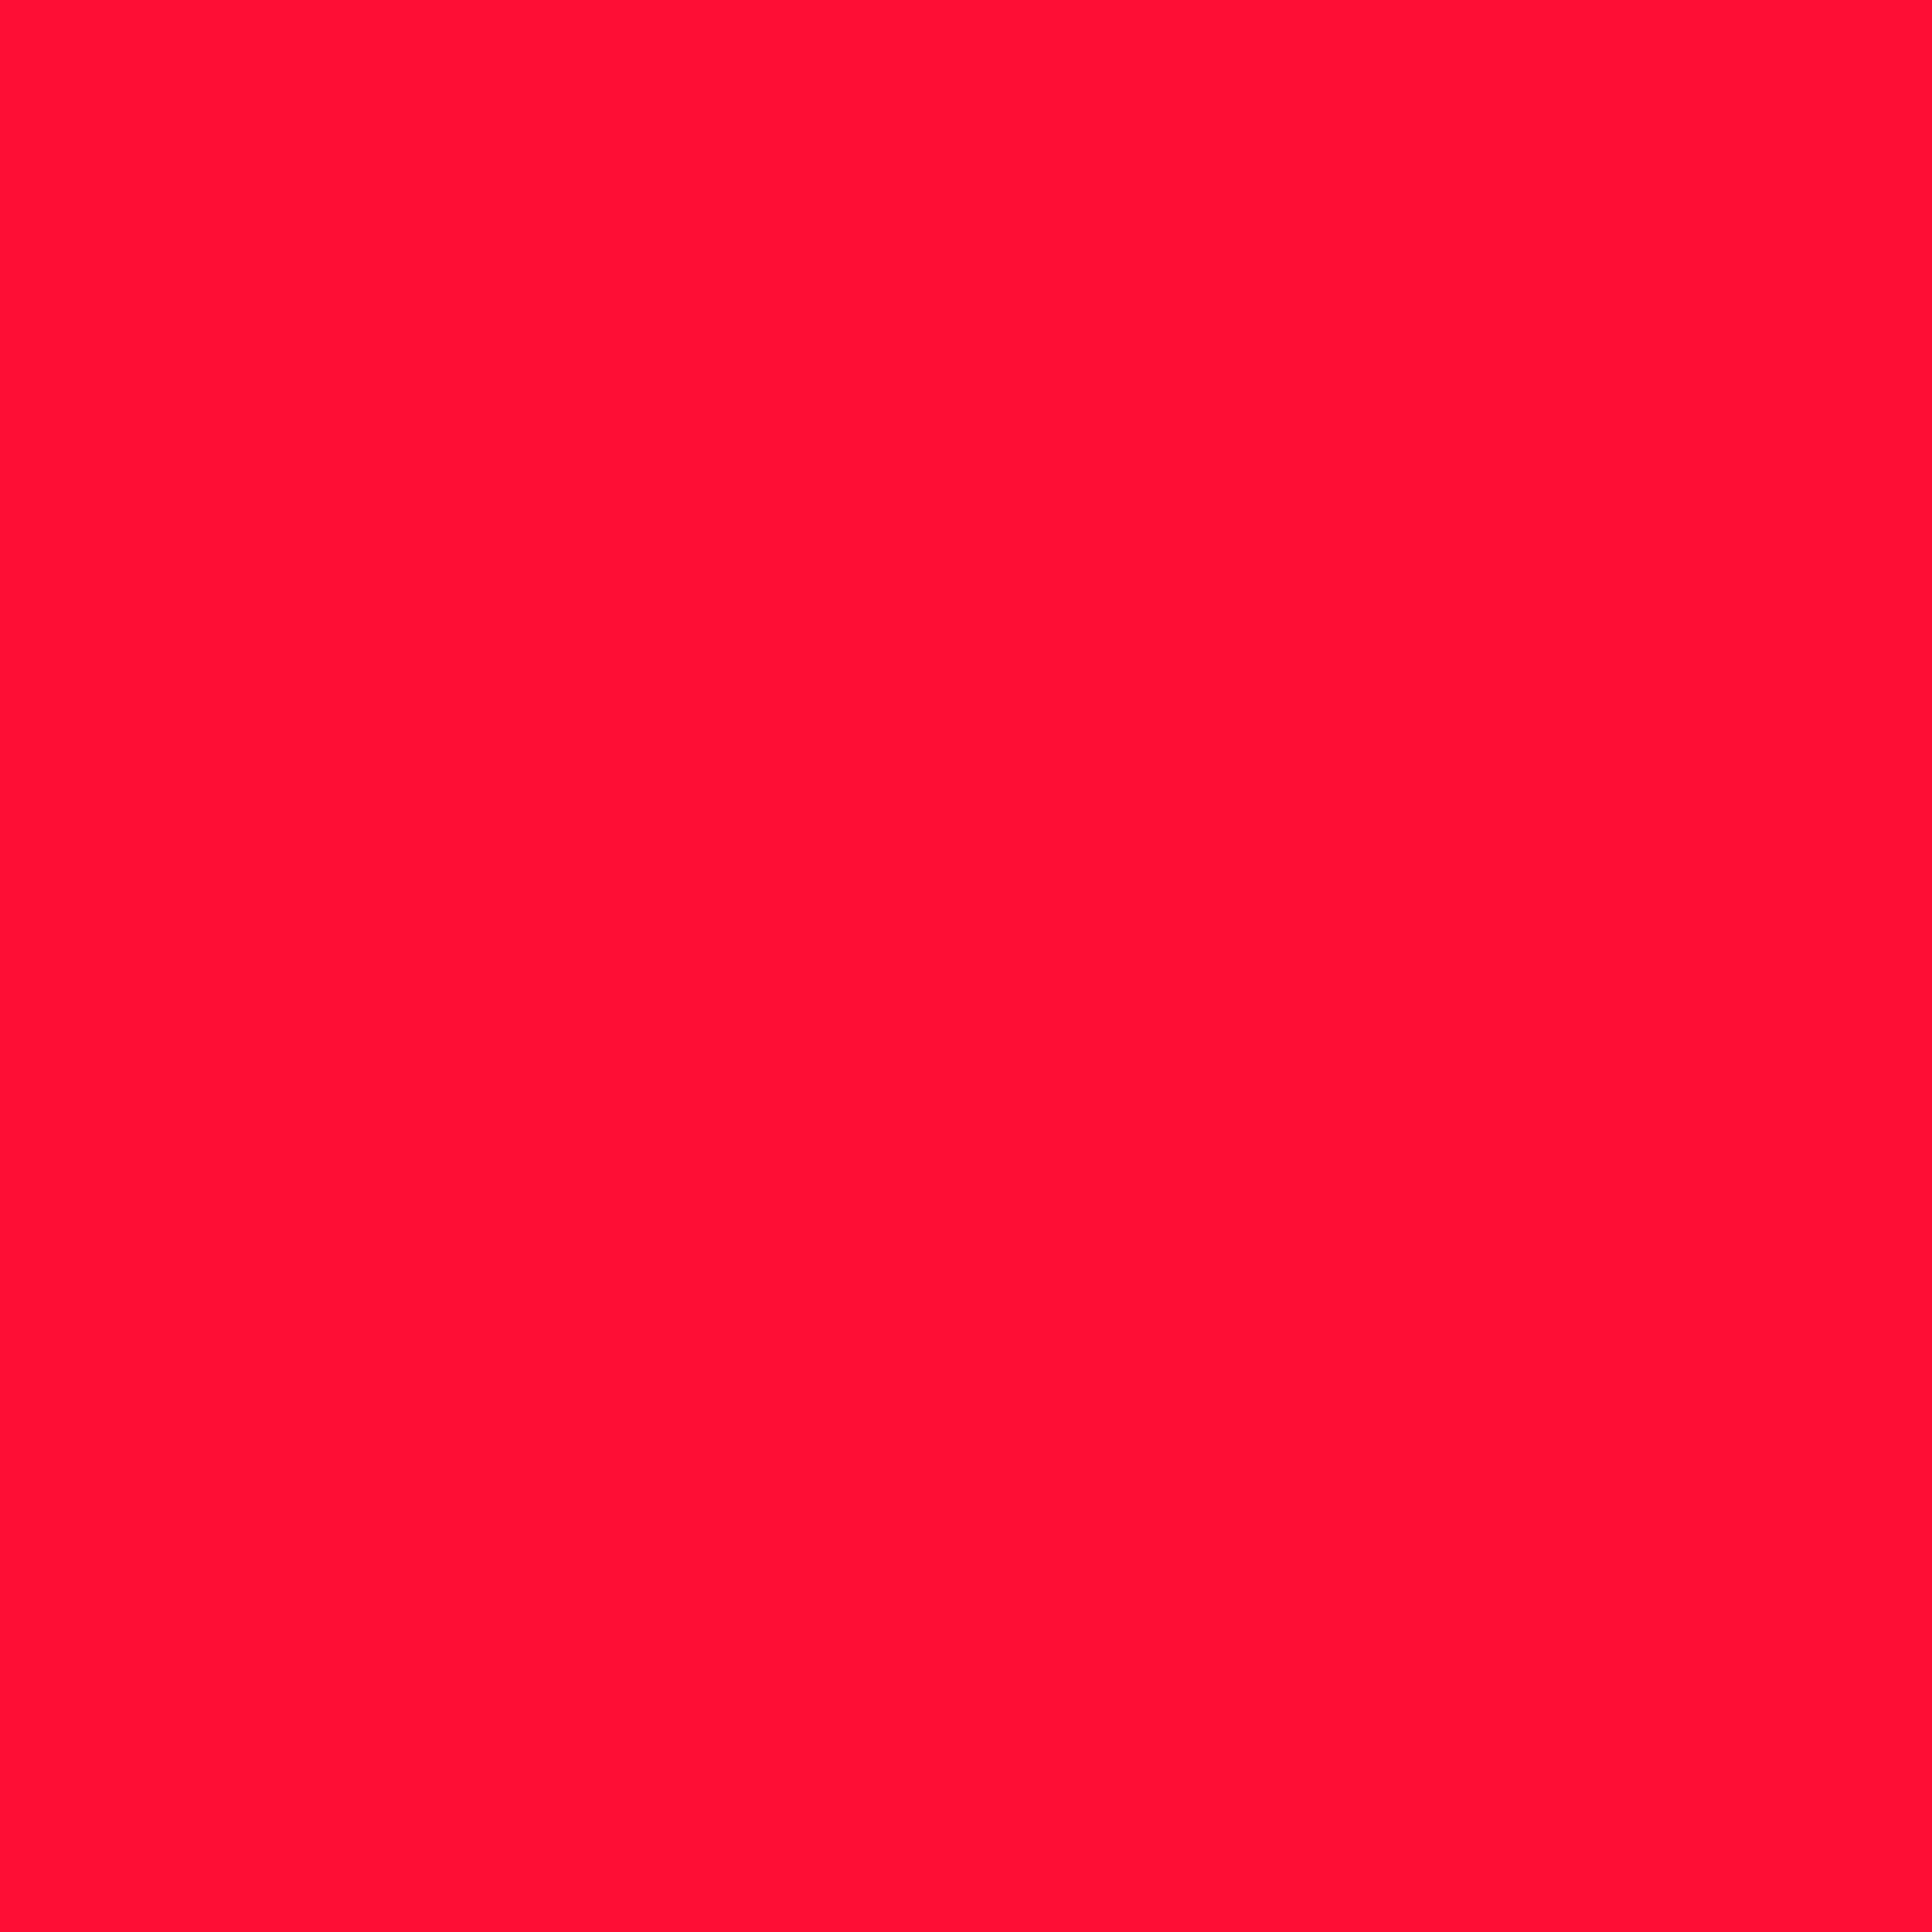 3600x3600 Scarlet Crayola Solid Color Background